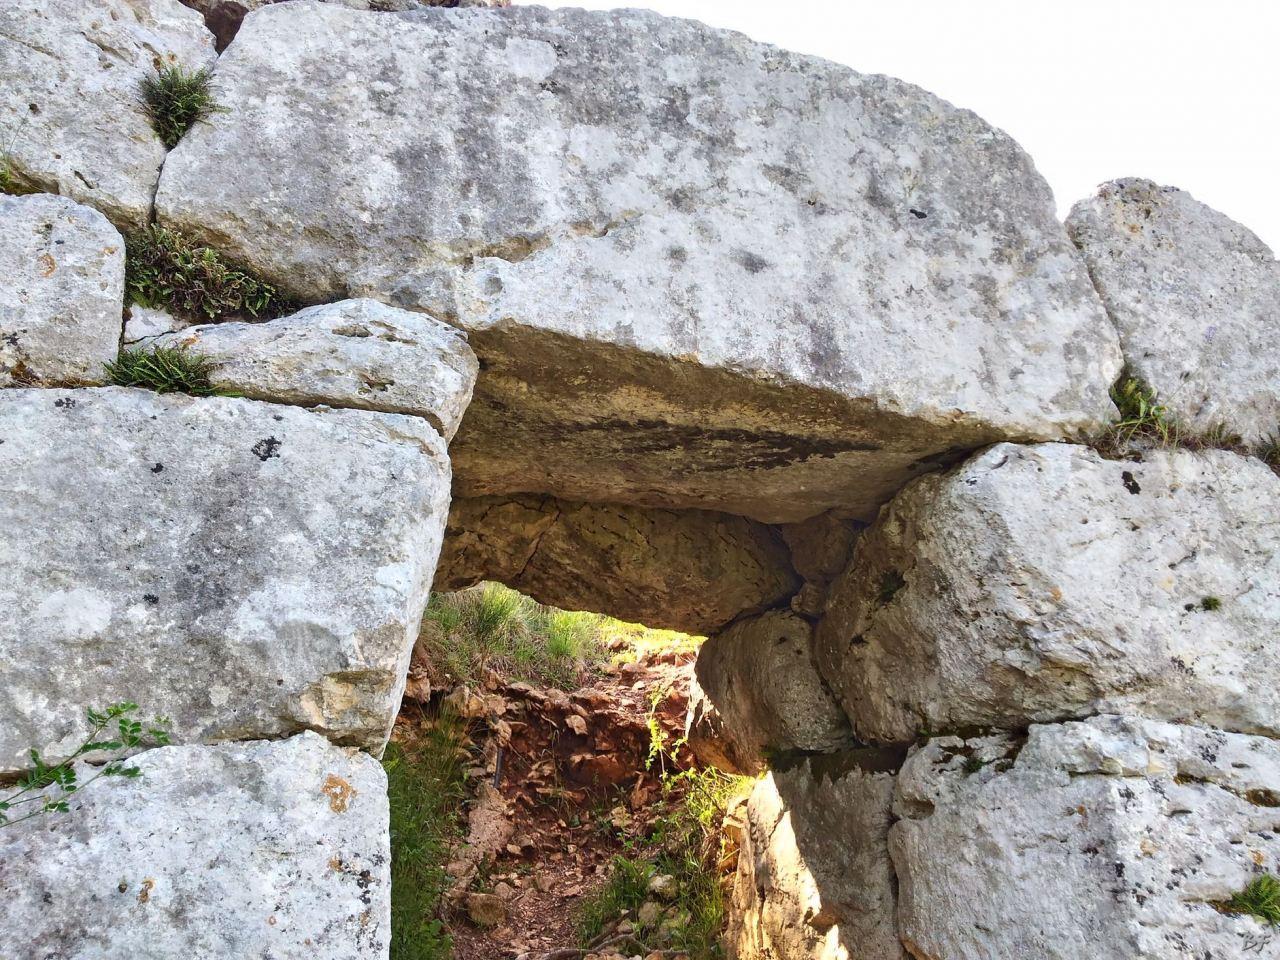 Signia-Mura-Poligonali-Megalitiche-Segni-Roma-Lazio-Italia-9